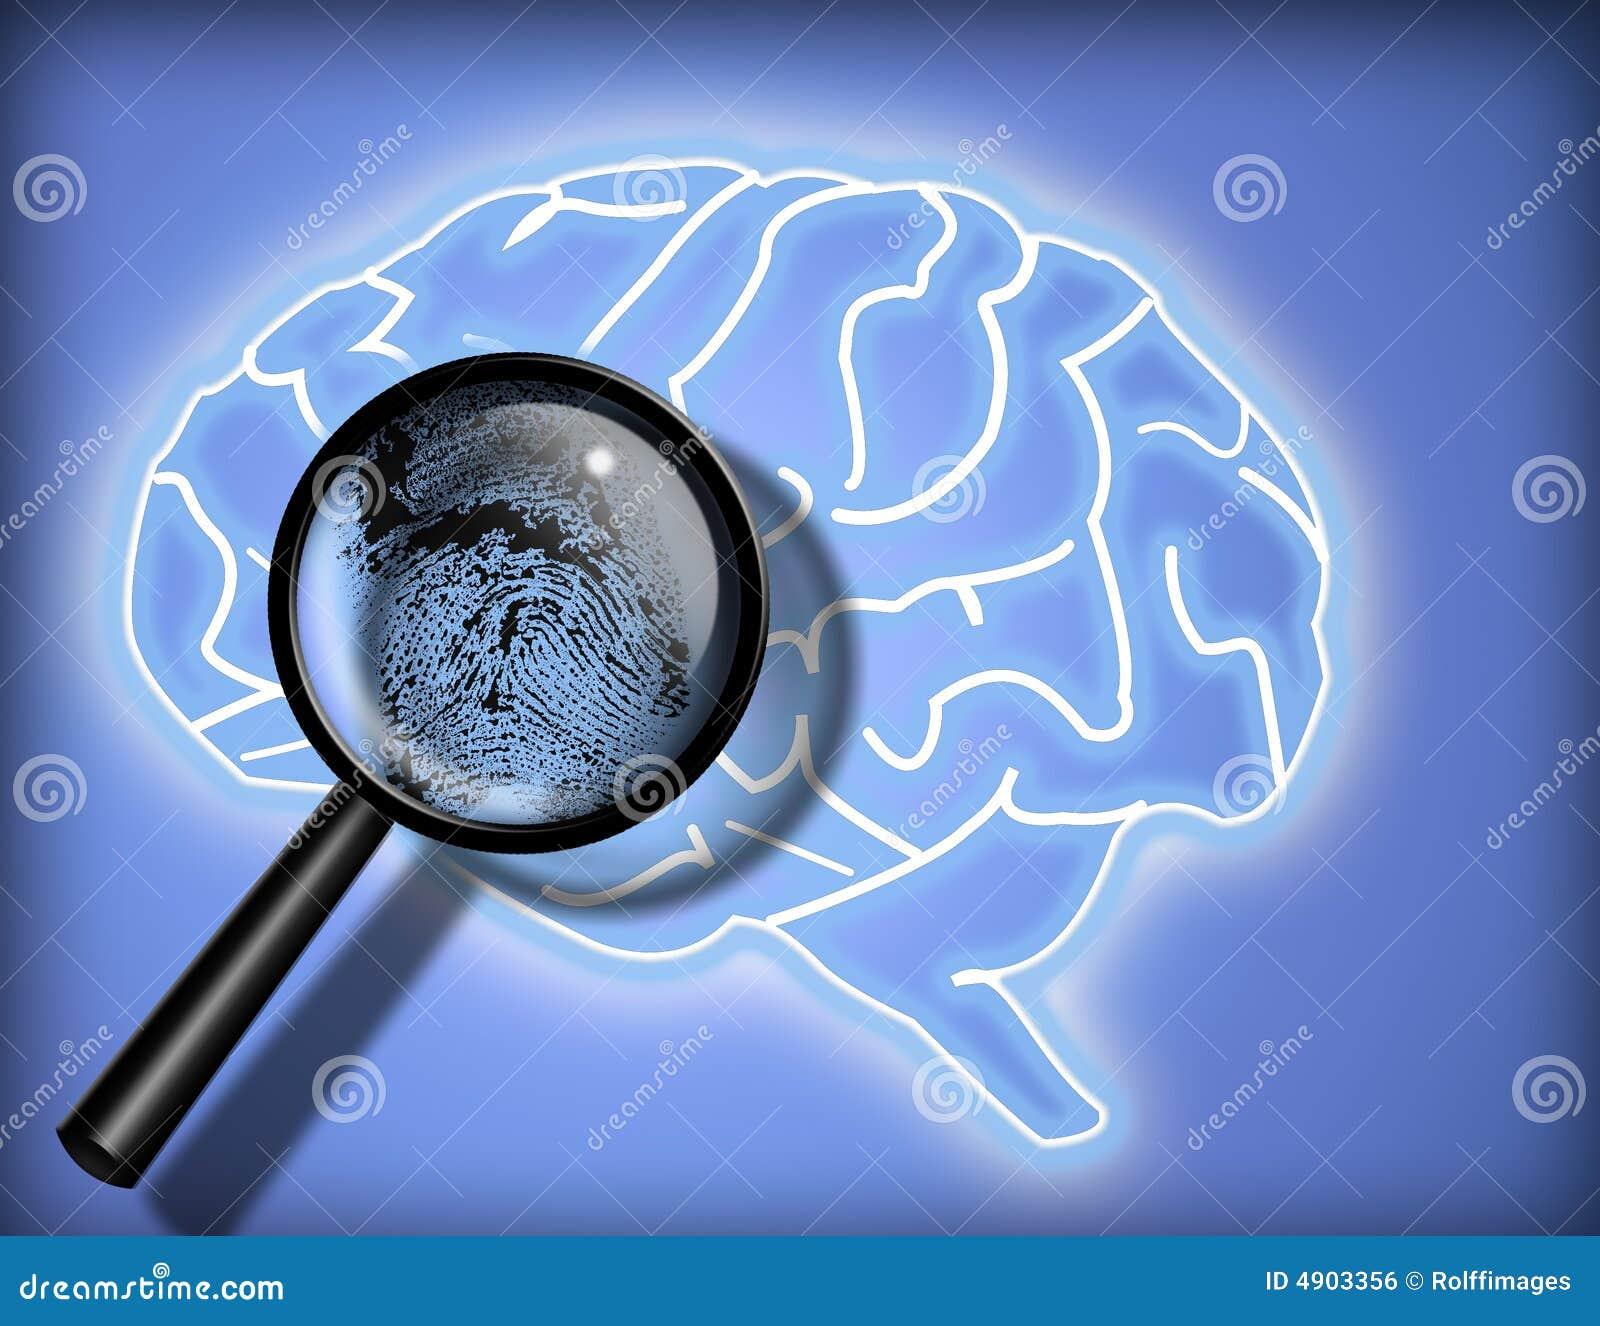 Cerveau - personnalité - identité